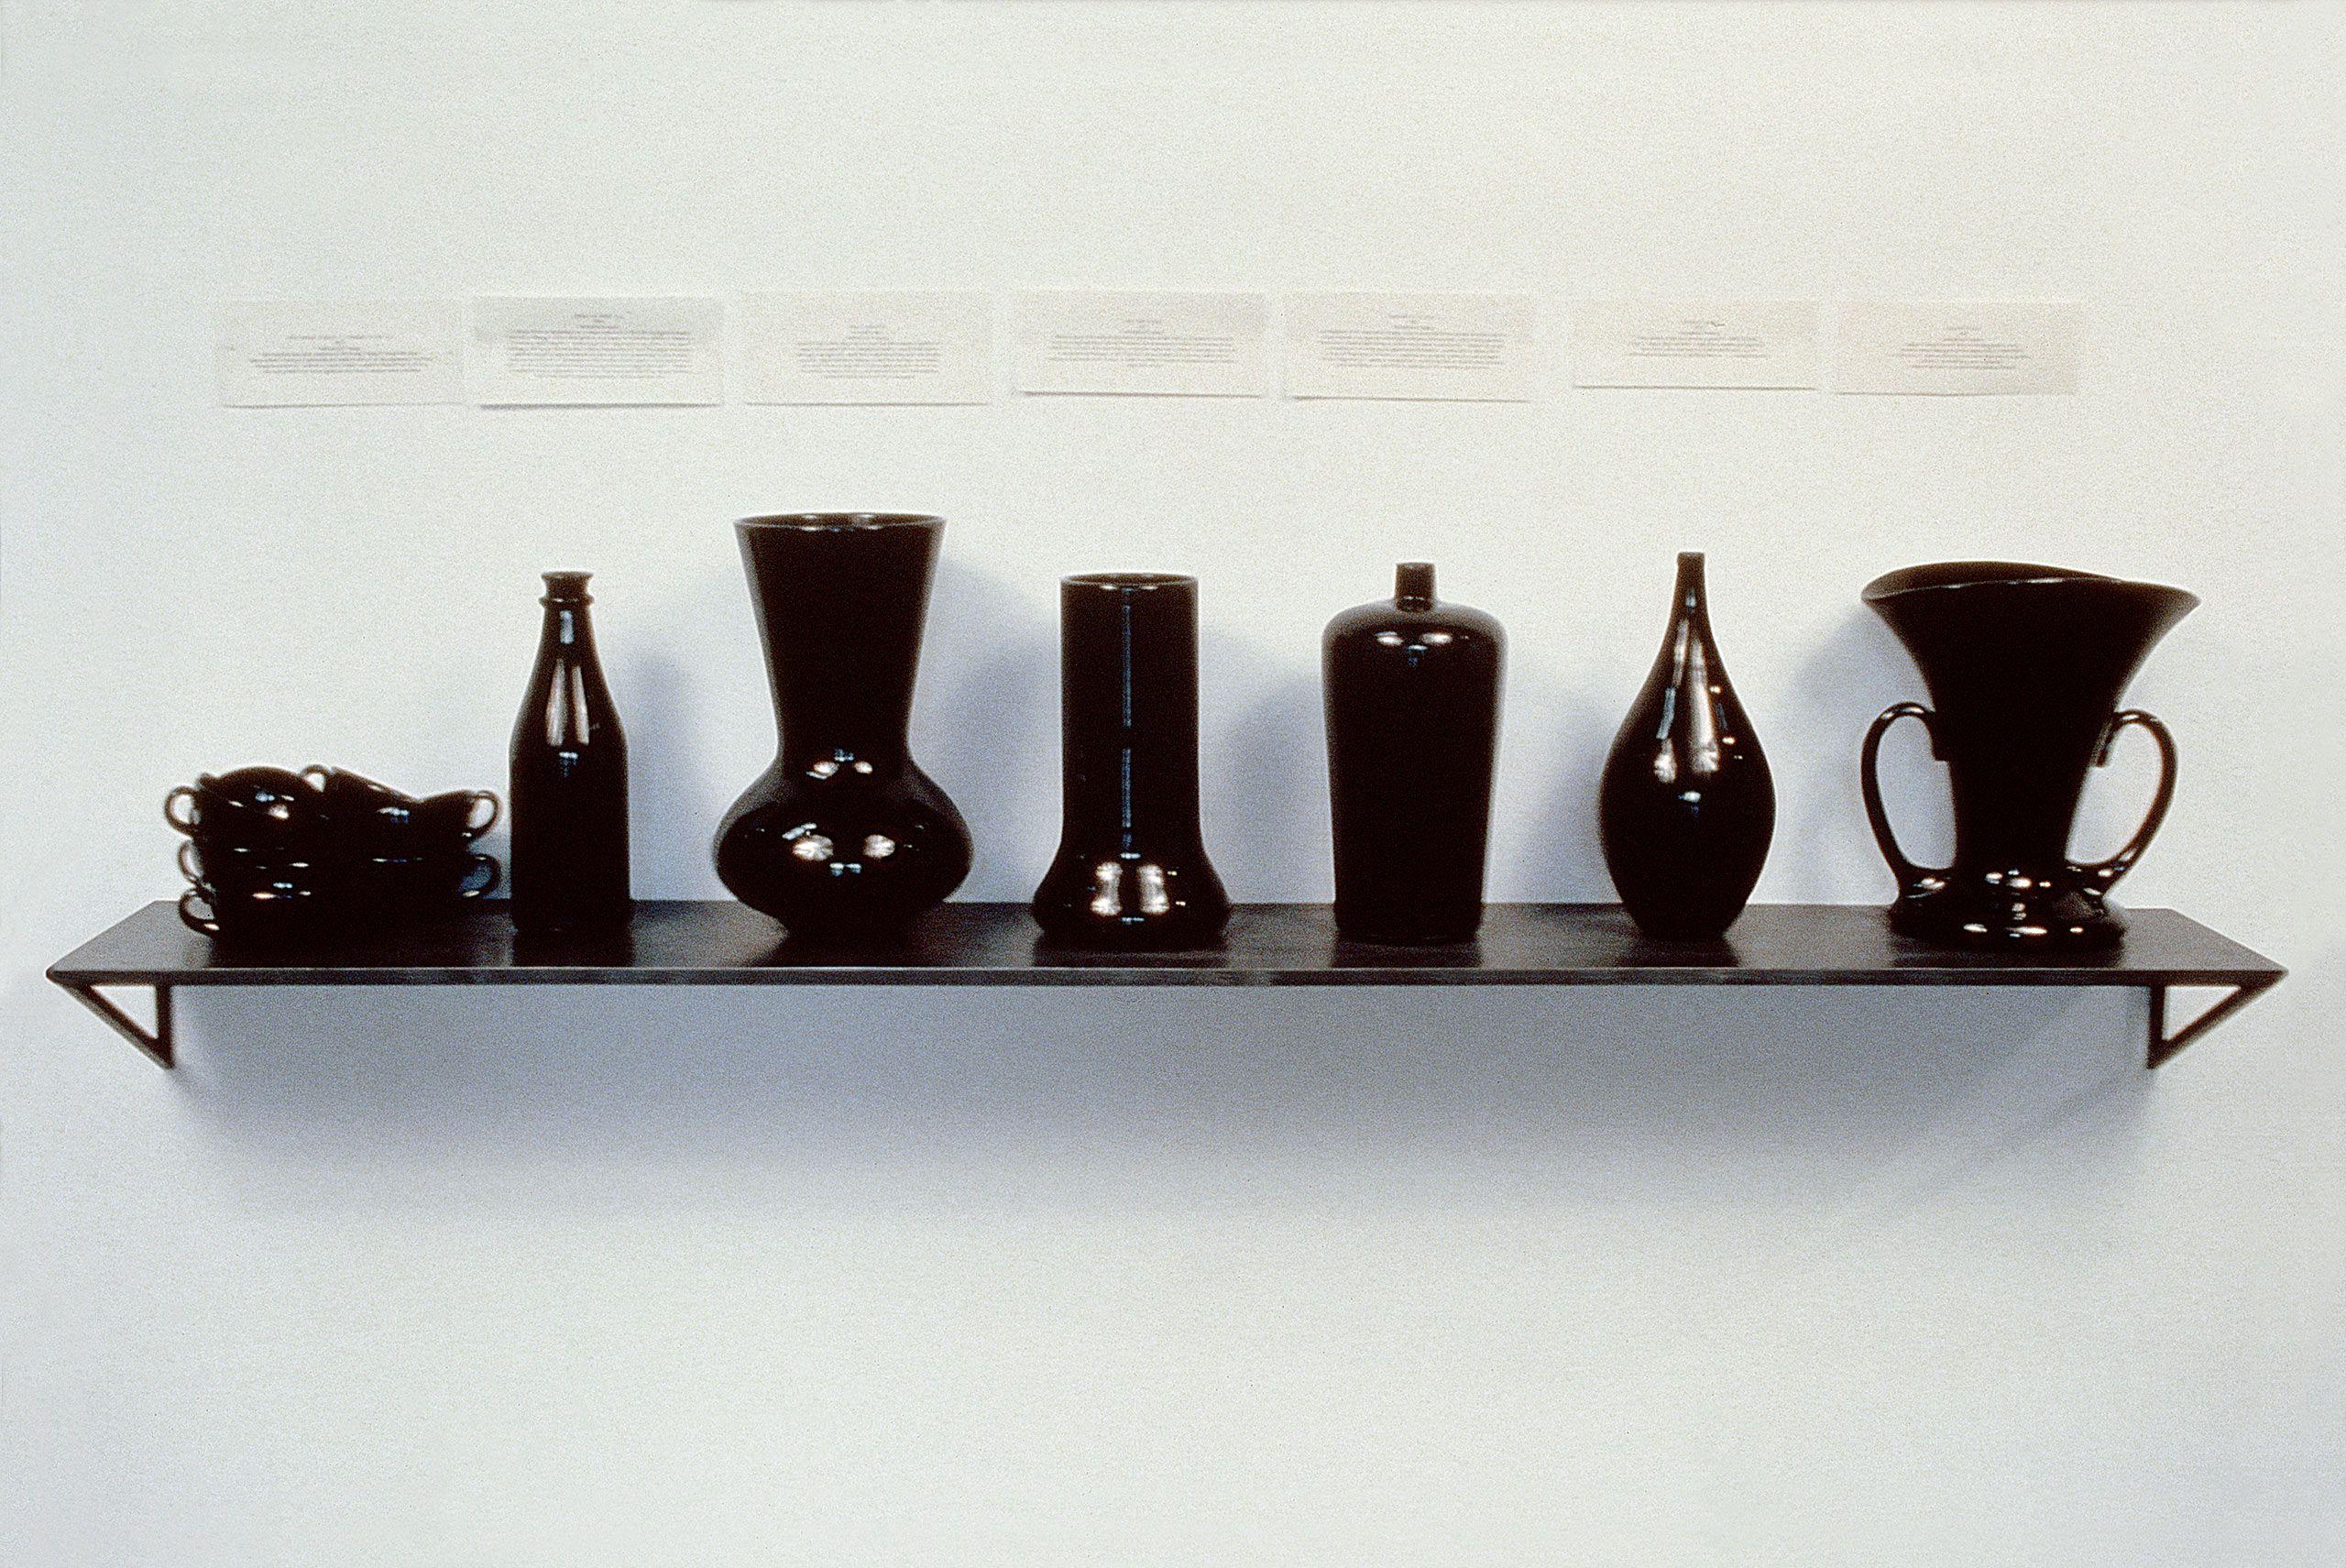 Van Der Zee Props, 1994